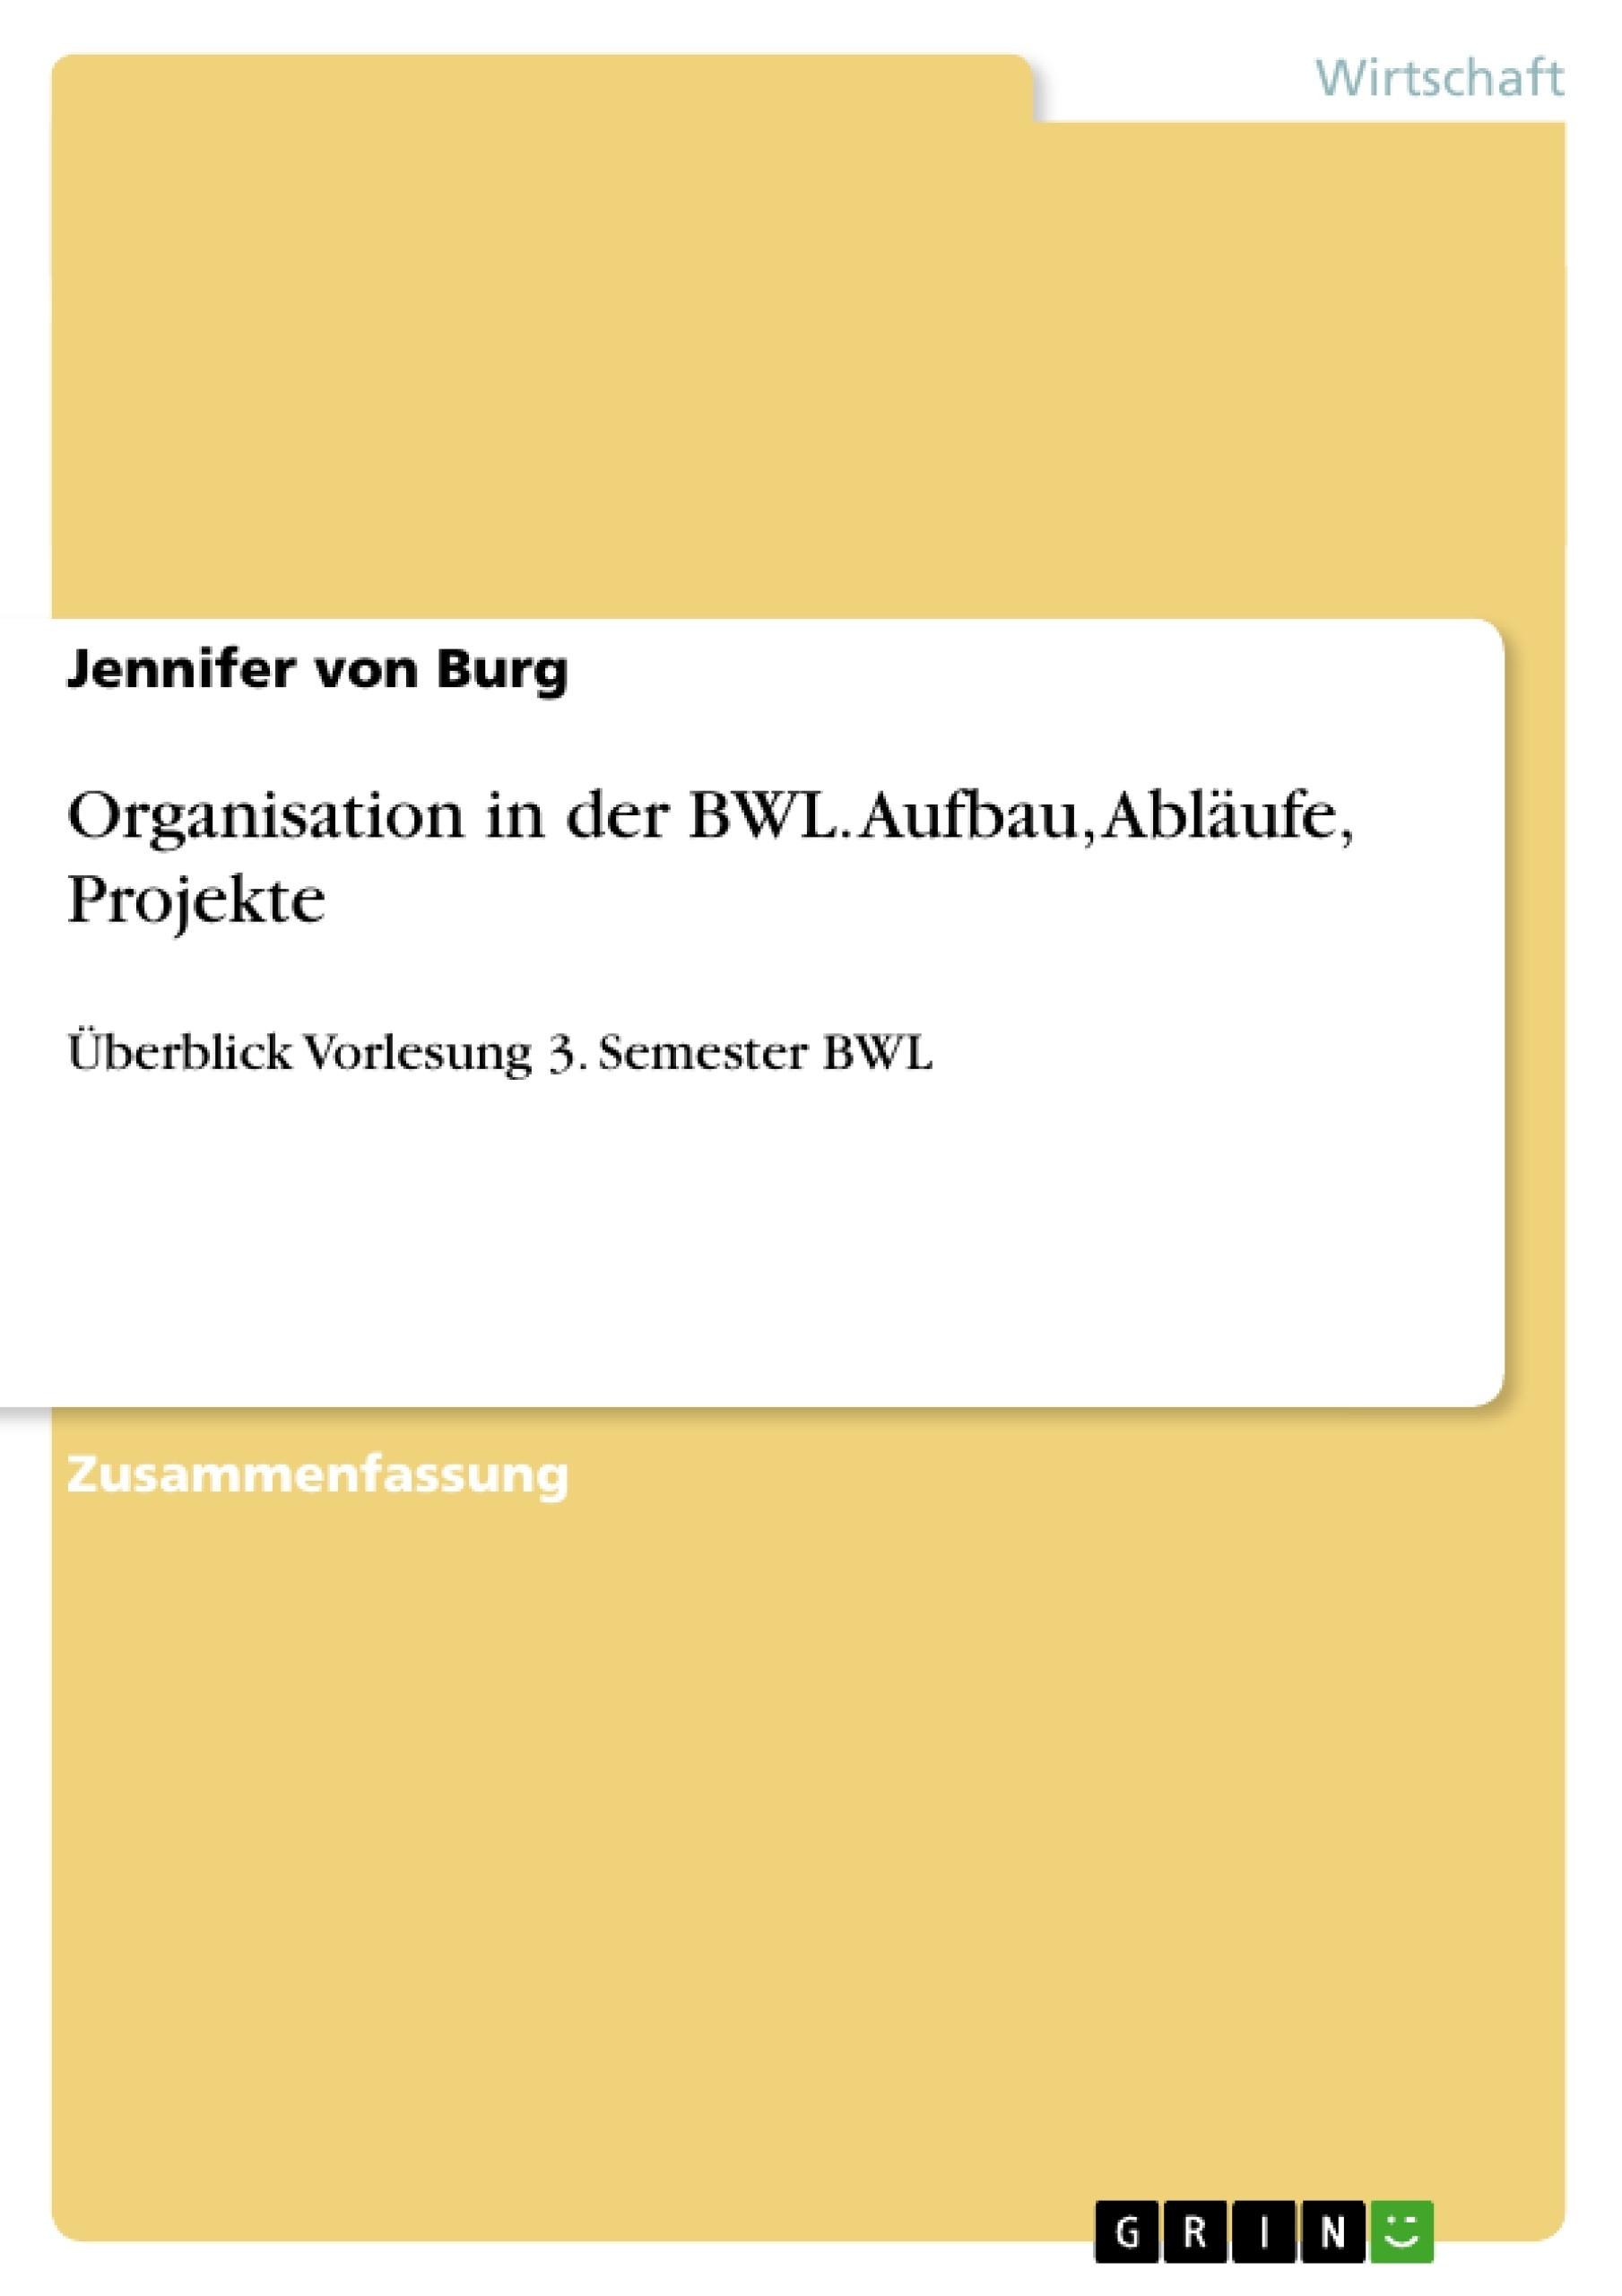 Organisation In Der Bwl Aufbau Abläufe Projekte Masterarbeit